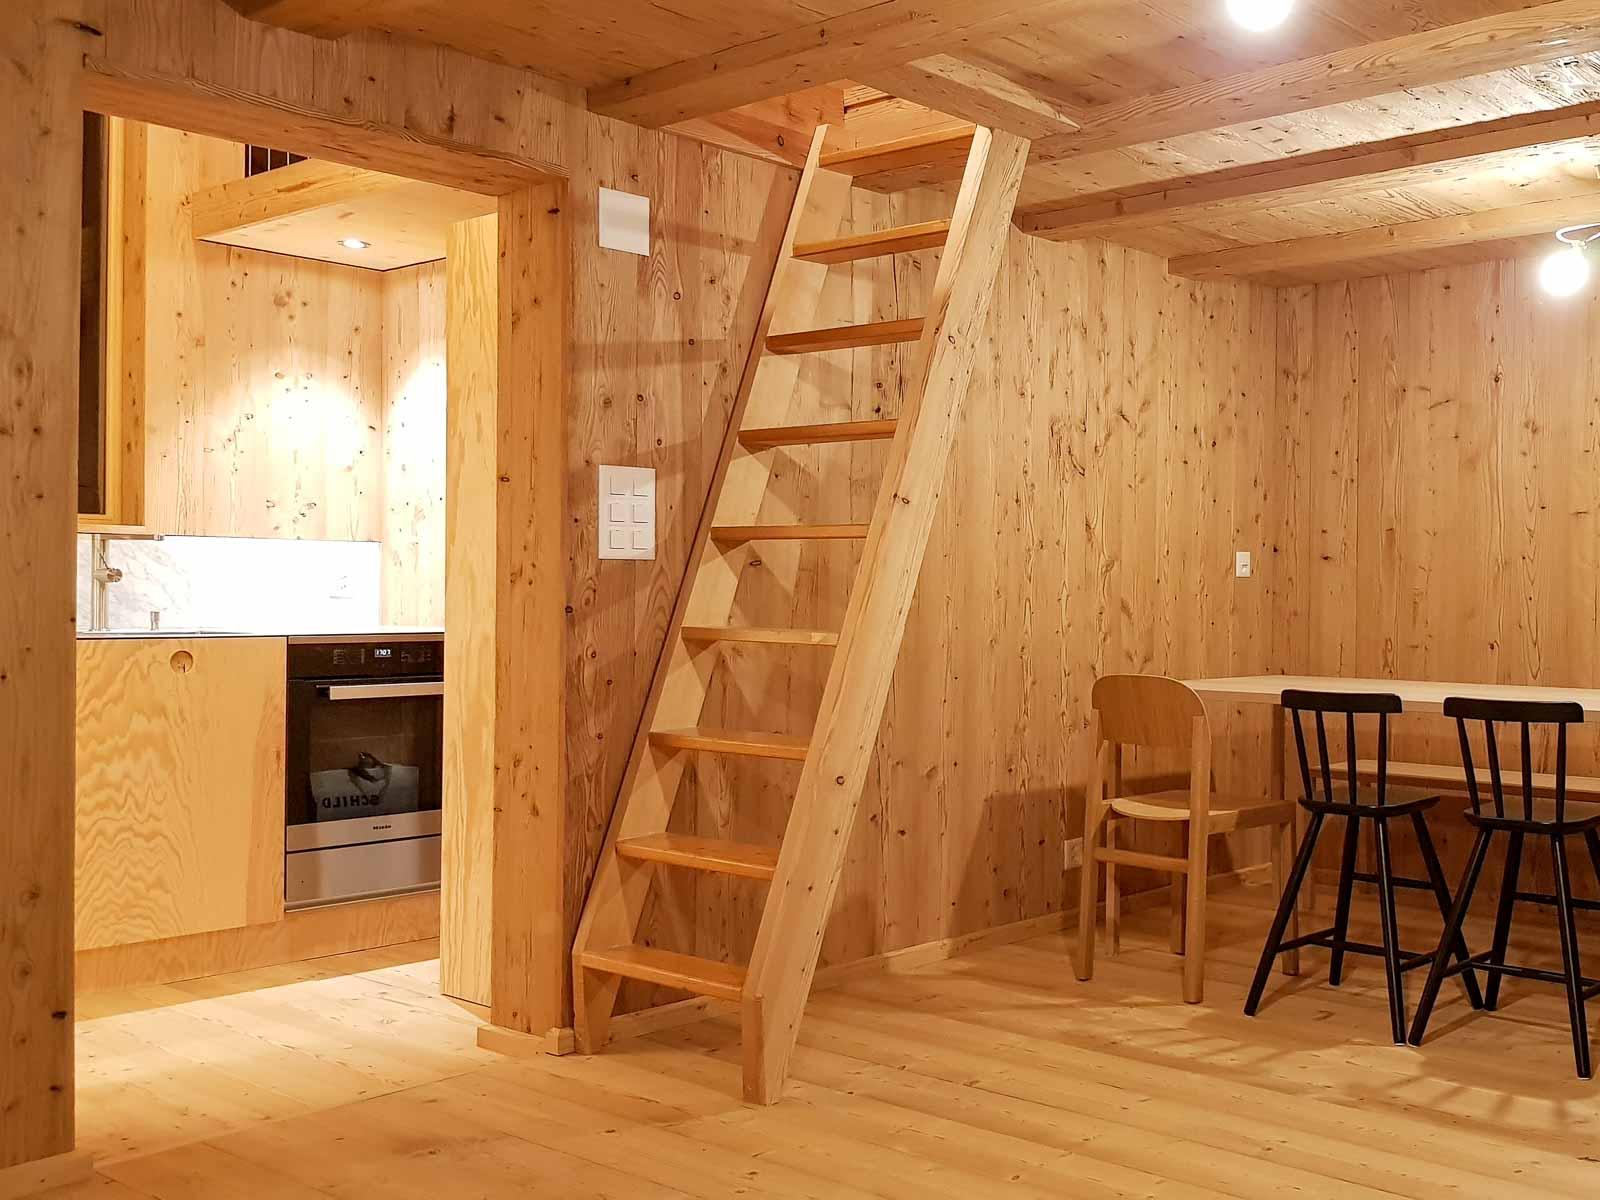 Wooddesign_Holzdesign_Innenausbau Ferienhaus_Altholz_Ferienwohnung_Ferienchalet_Schwarzsee_ Umbau (3)